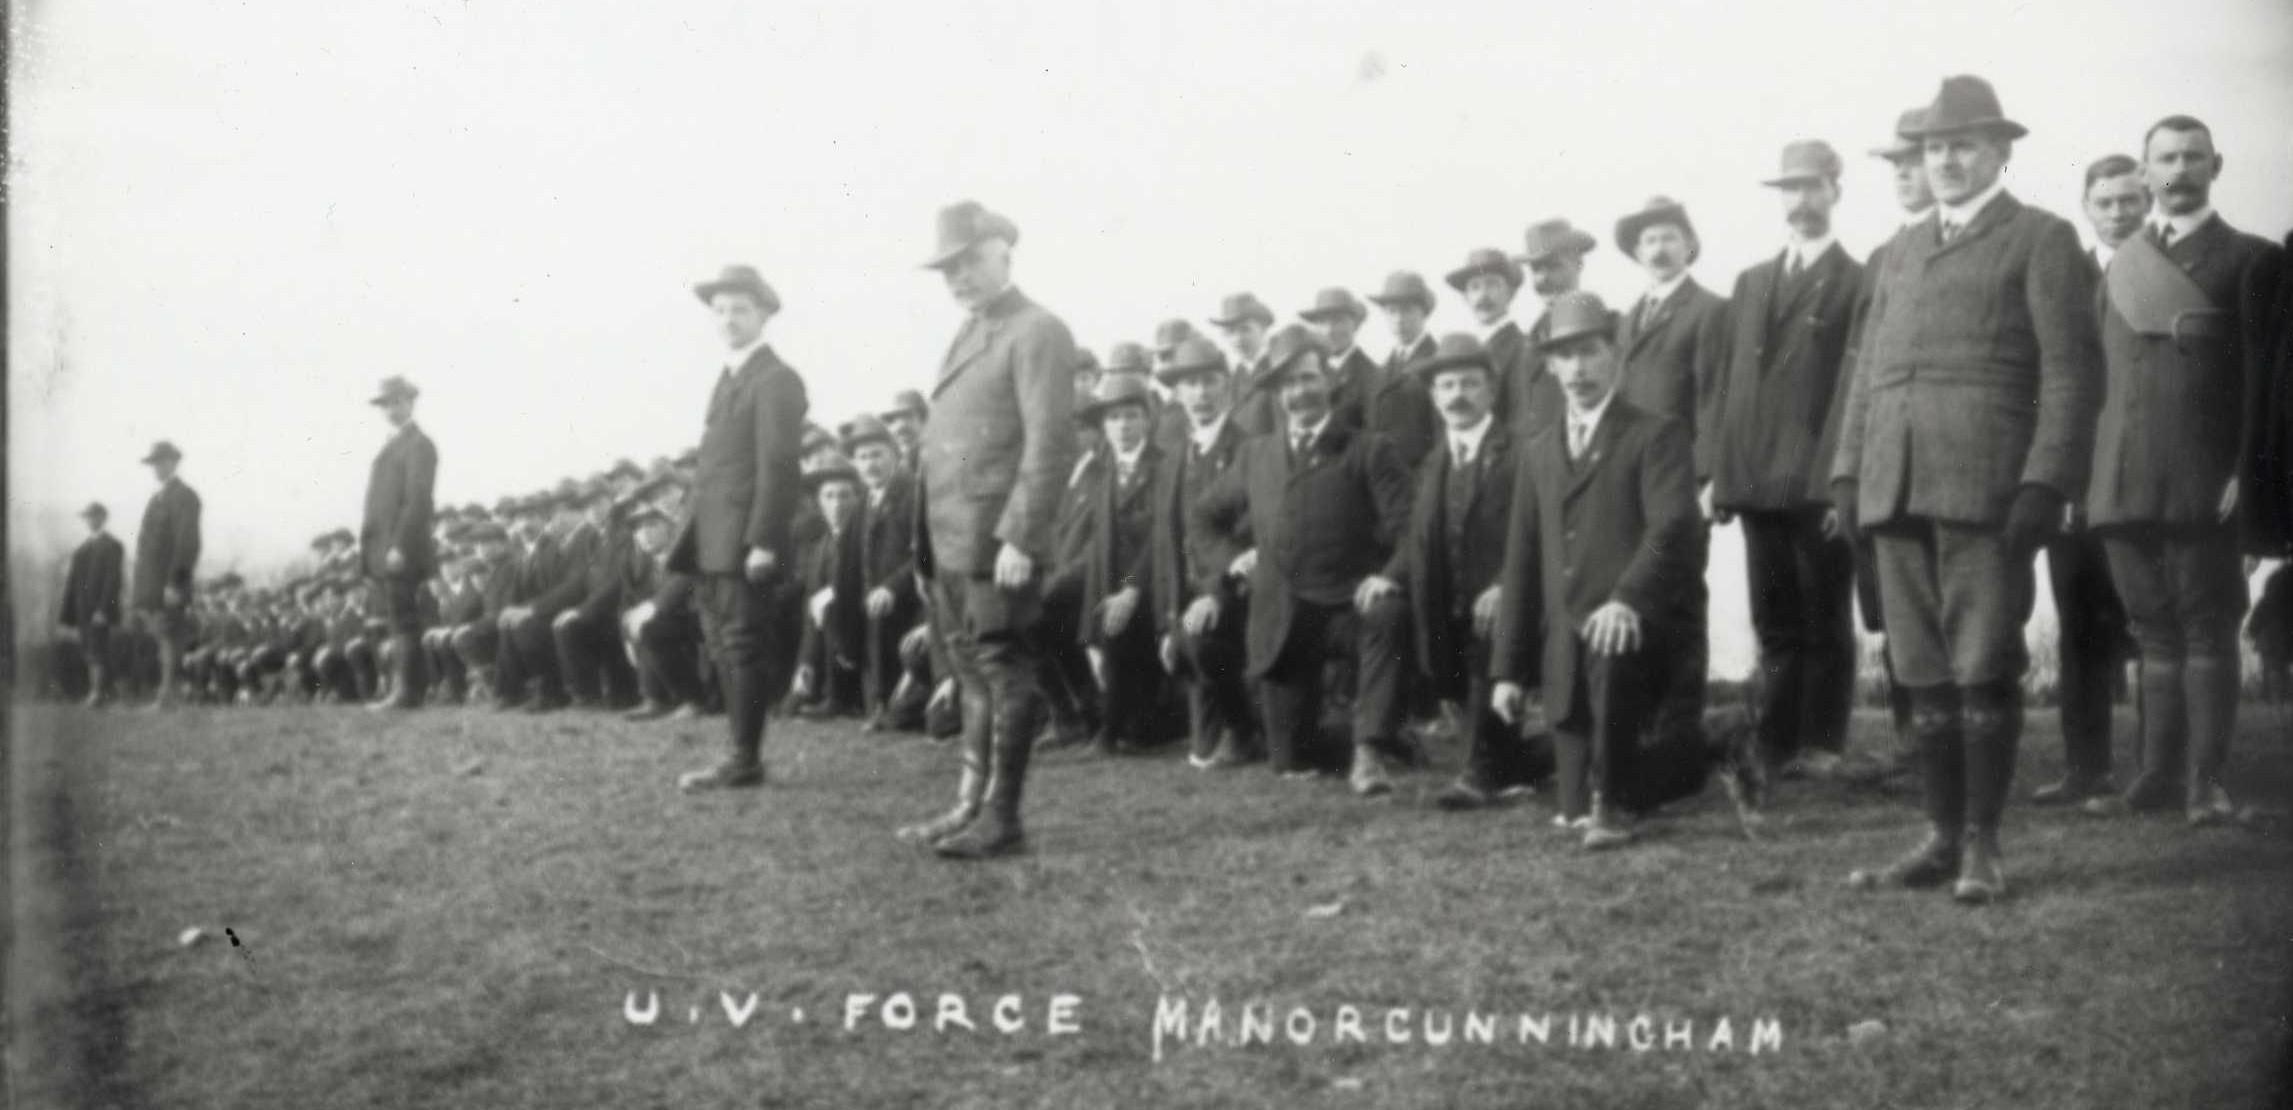 Manorcunningham Ulster Volunteers